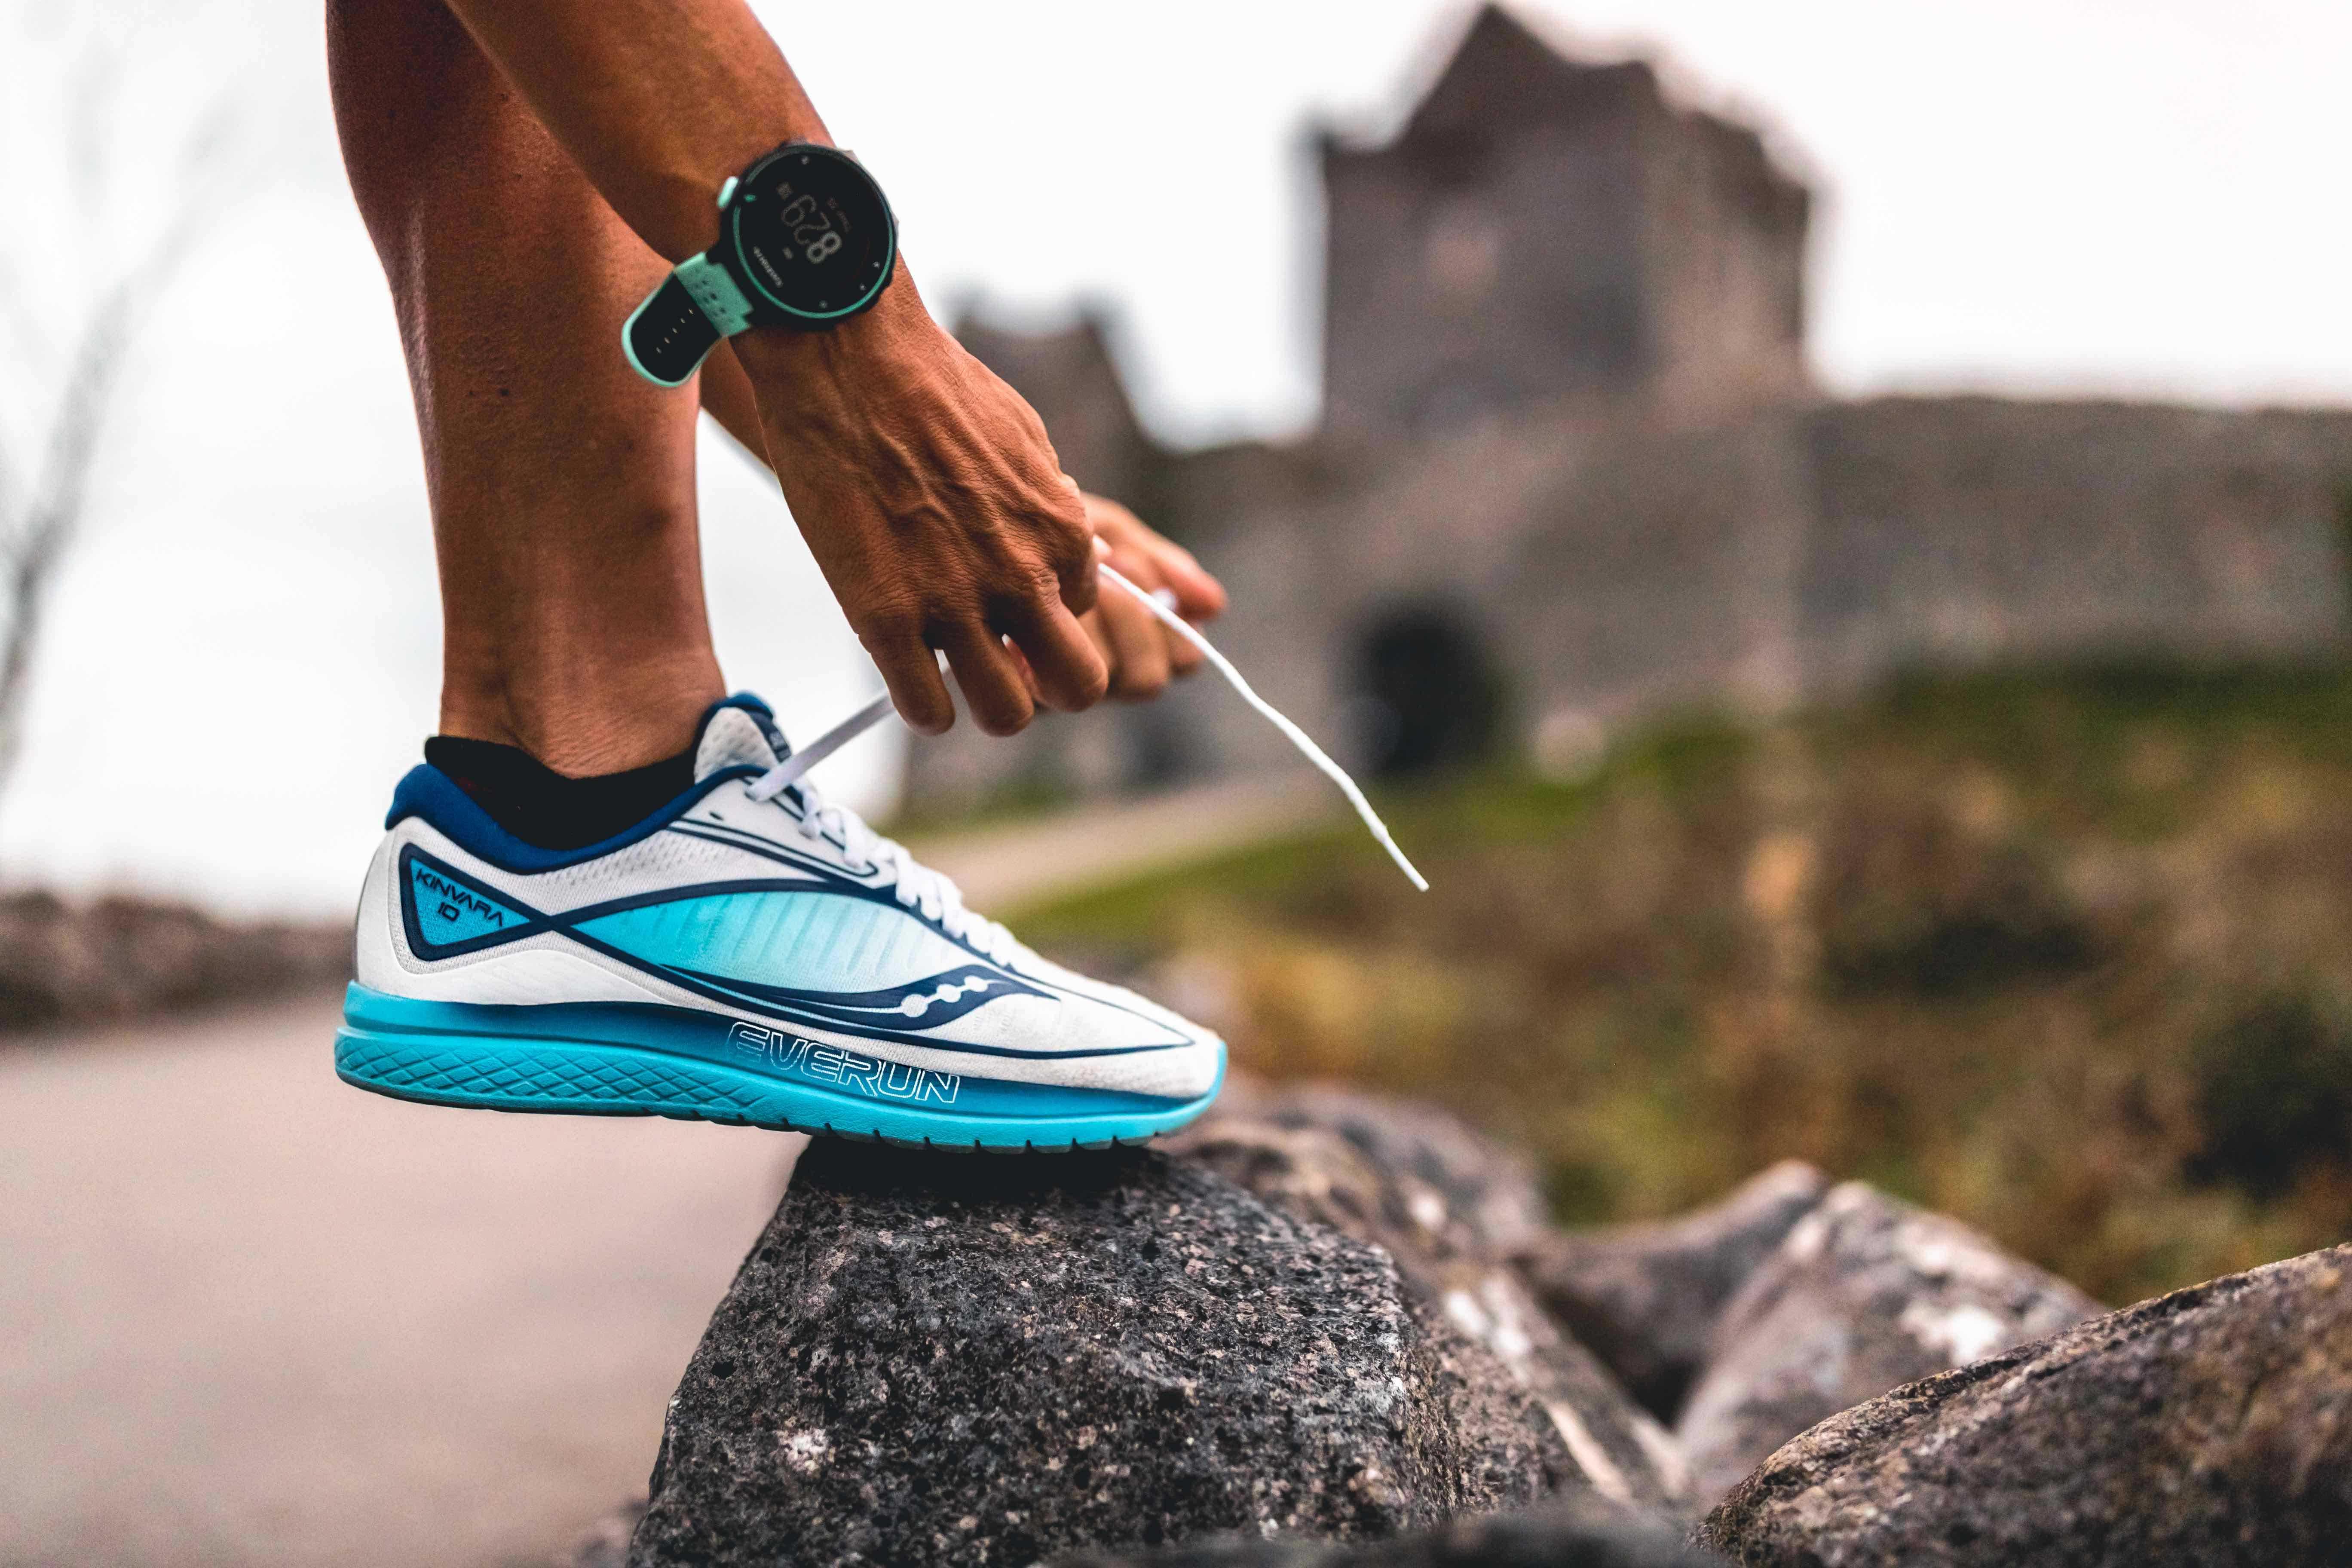 12 лучших беговых кроссовок - рейтинг 2020